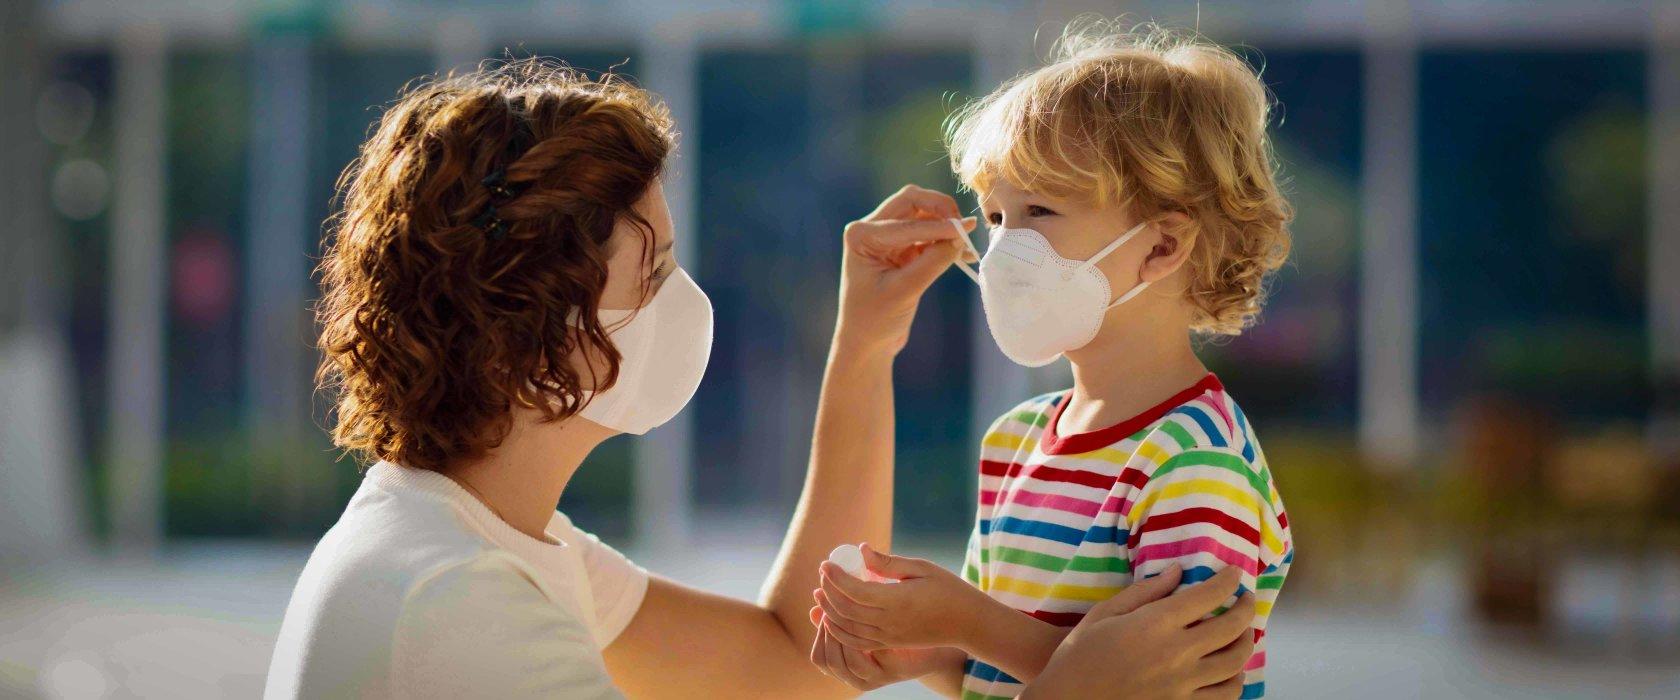 كيف تتحدث مع طفلك حول فيروس كورونا (كوفيد- 19) ؟ | مؤسسة قطر